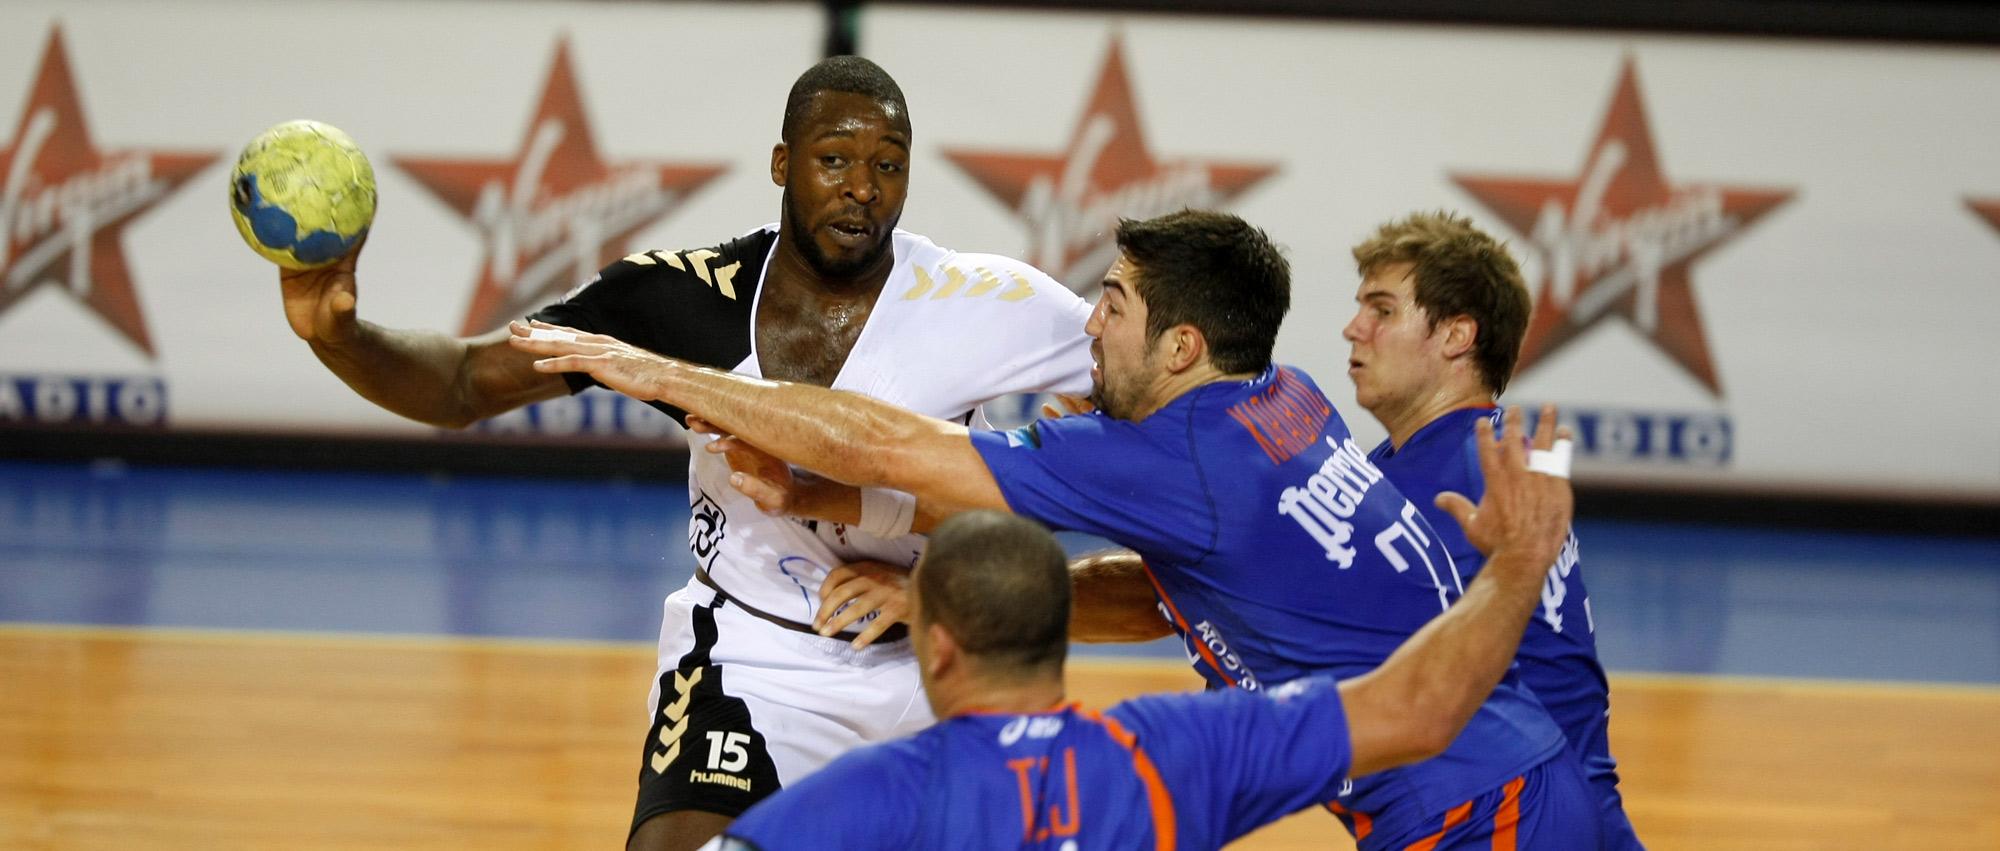 Formé à Chambéry, Zacharia N'Diaye a joué 7 saisons chez les Savoyards (2003-2010).